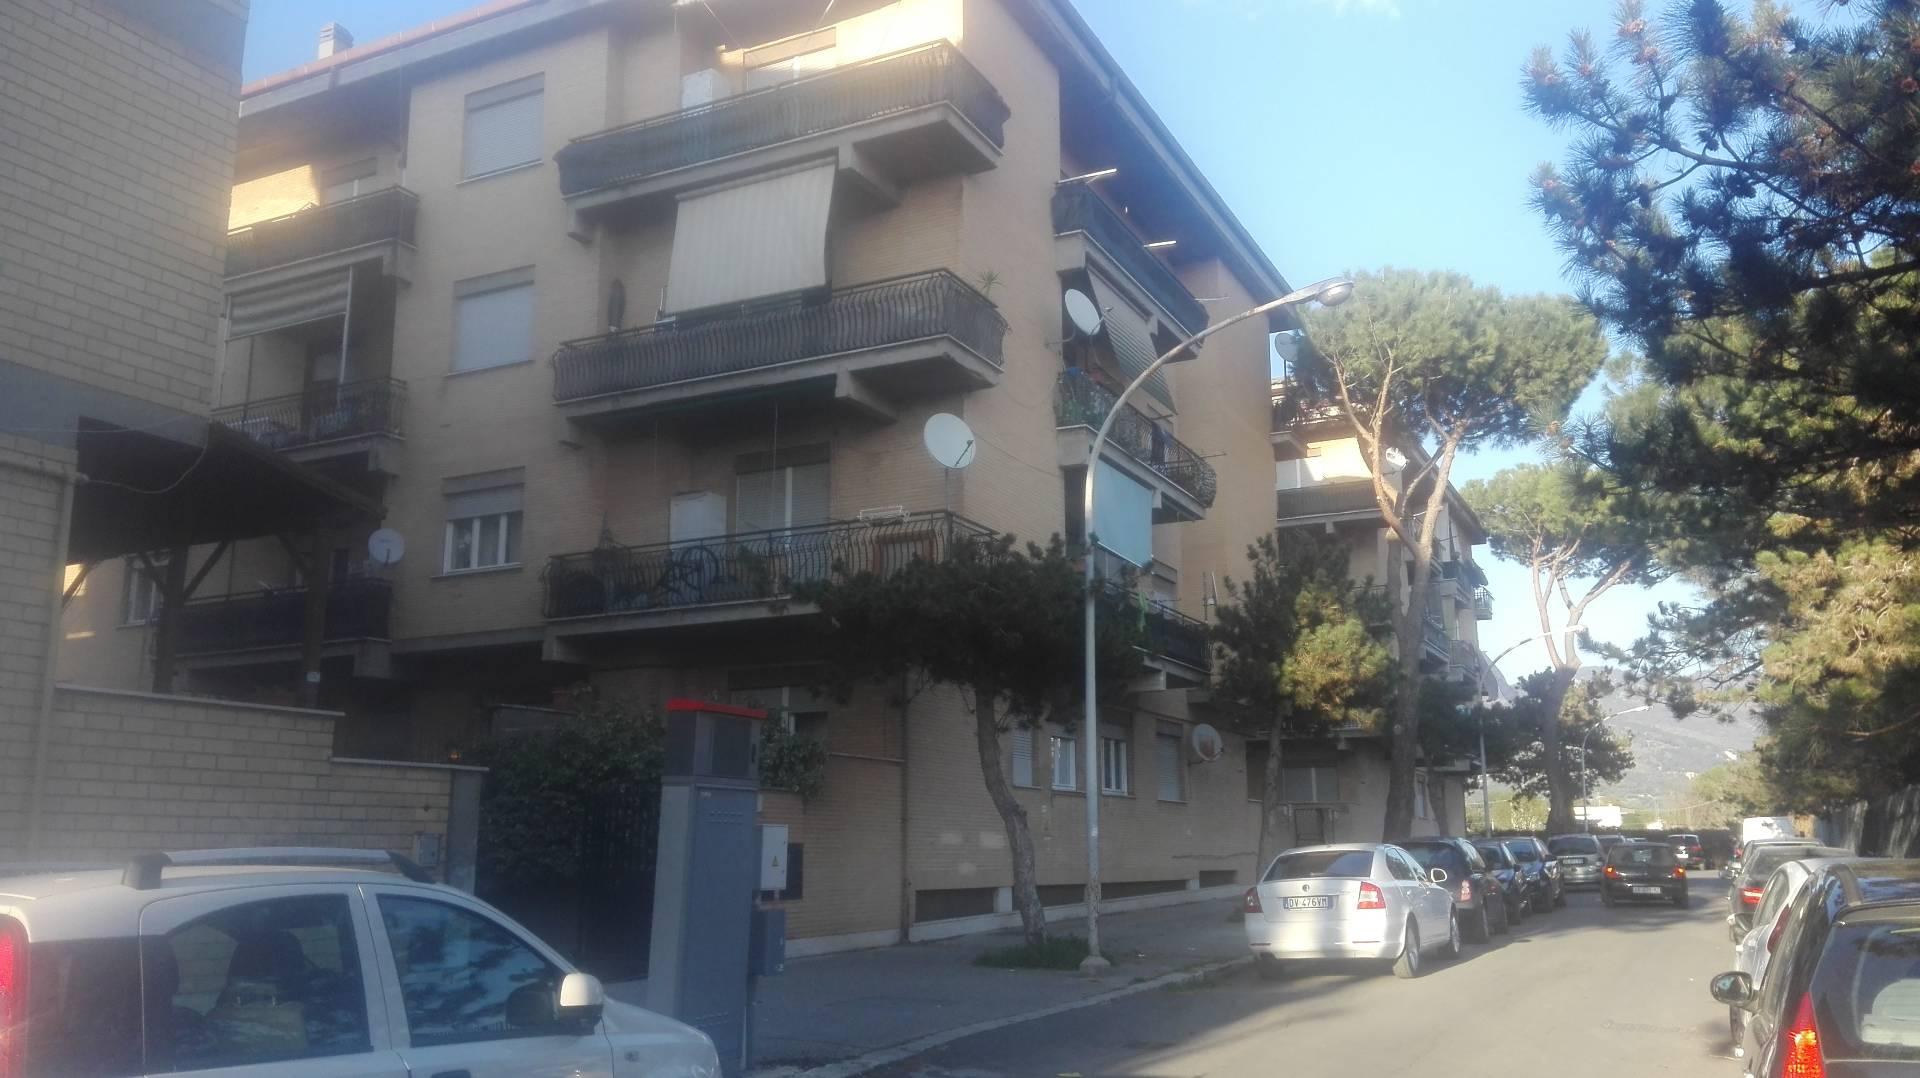 casa tivoli appartamenti e case in affitto a tivoli